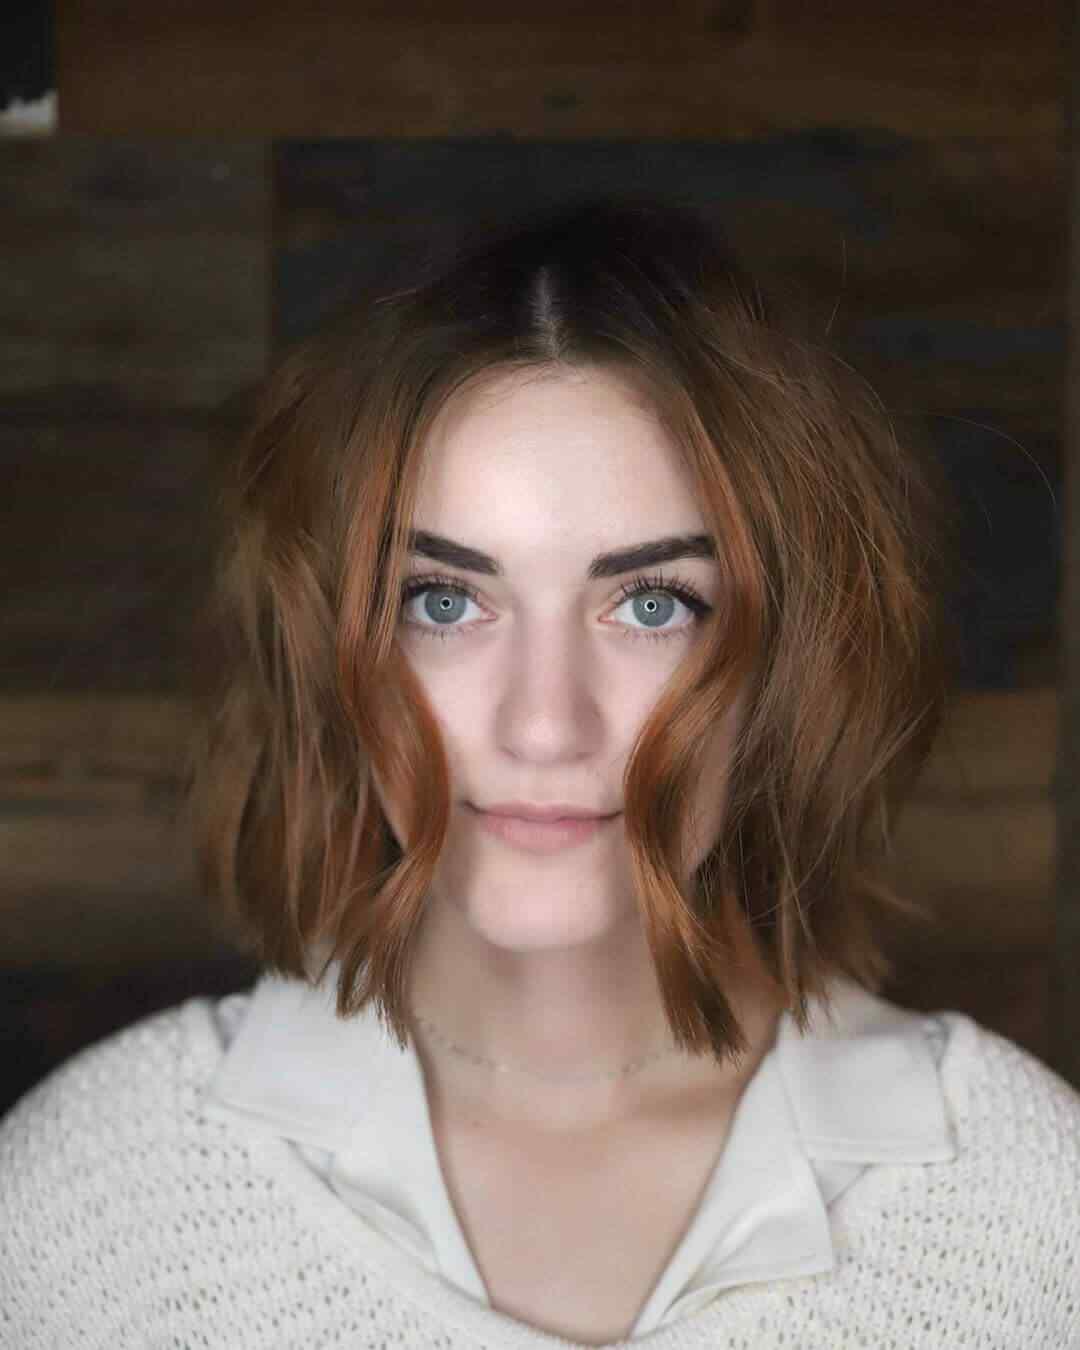 Más de 100 Ideas de peinados y cortes de pelo corto para mujeres 2019 15